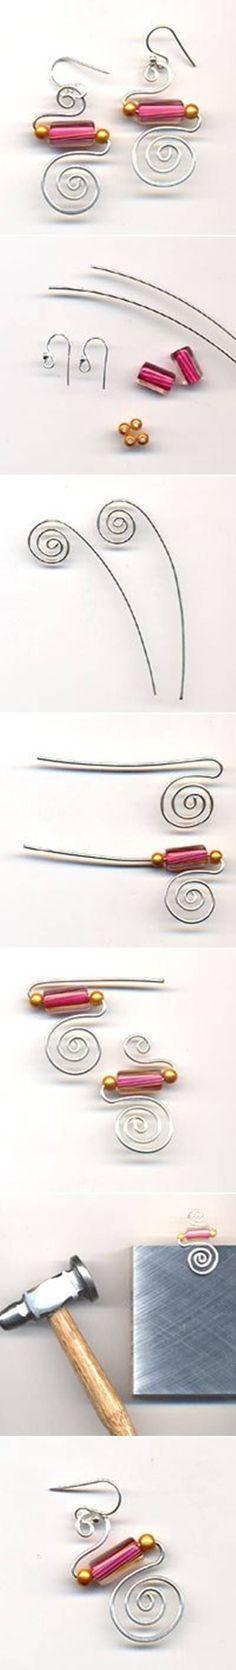 DIY Simple Stylish Wire Earrings: